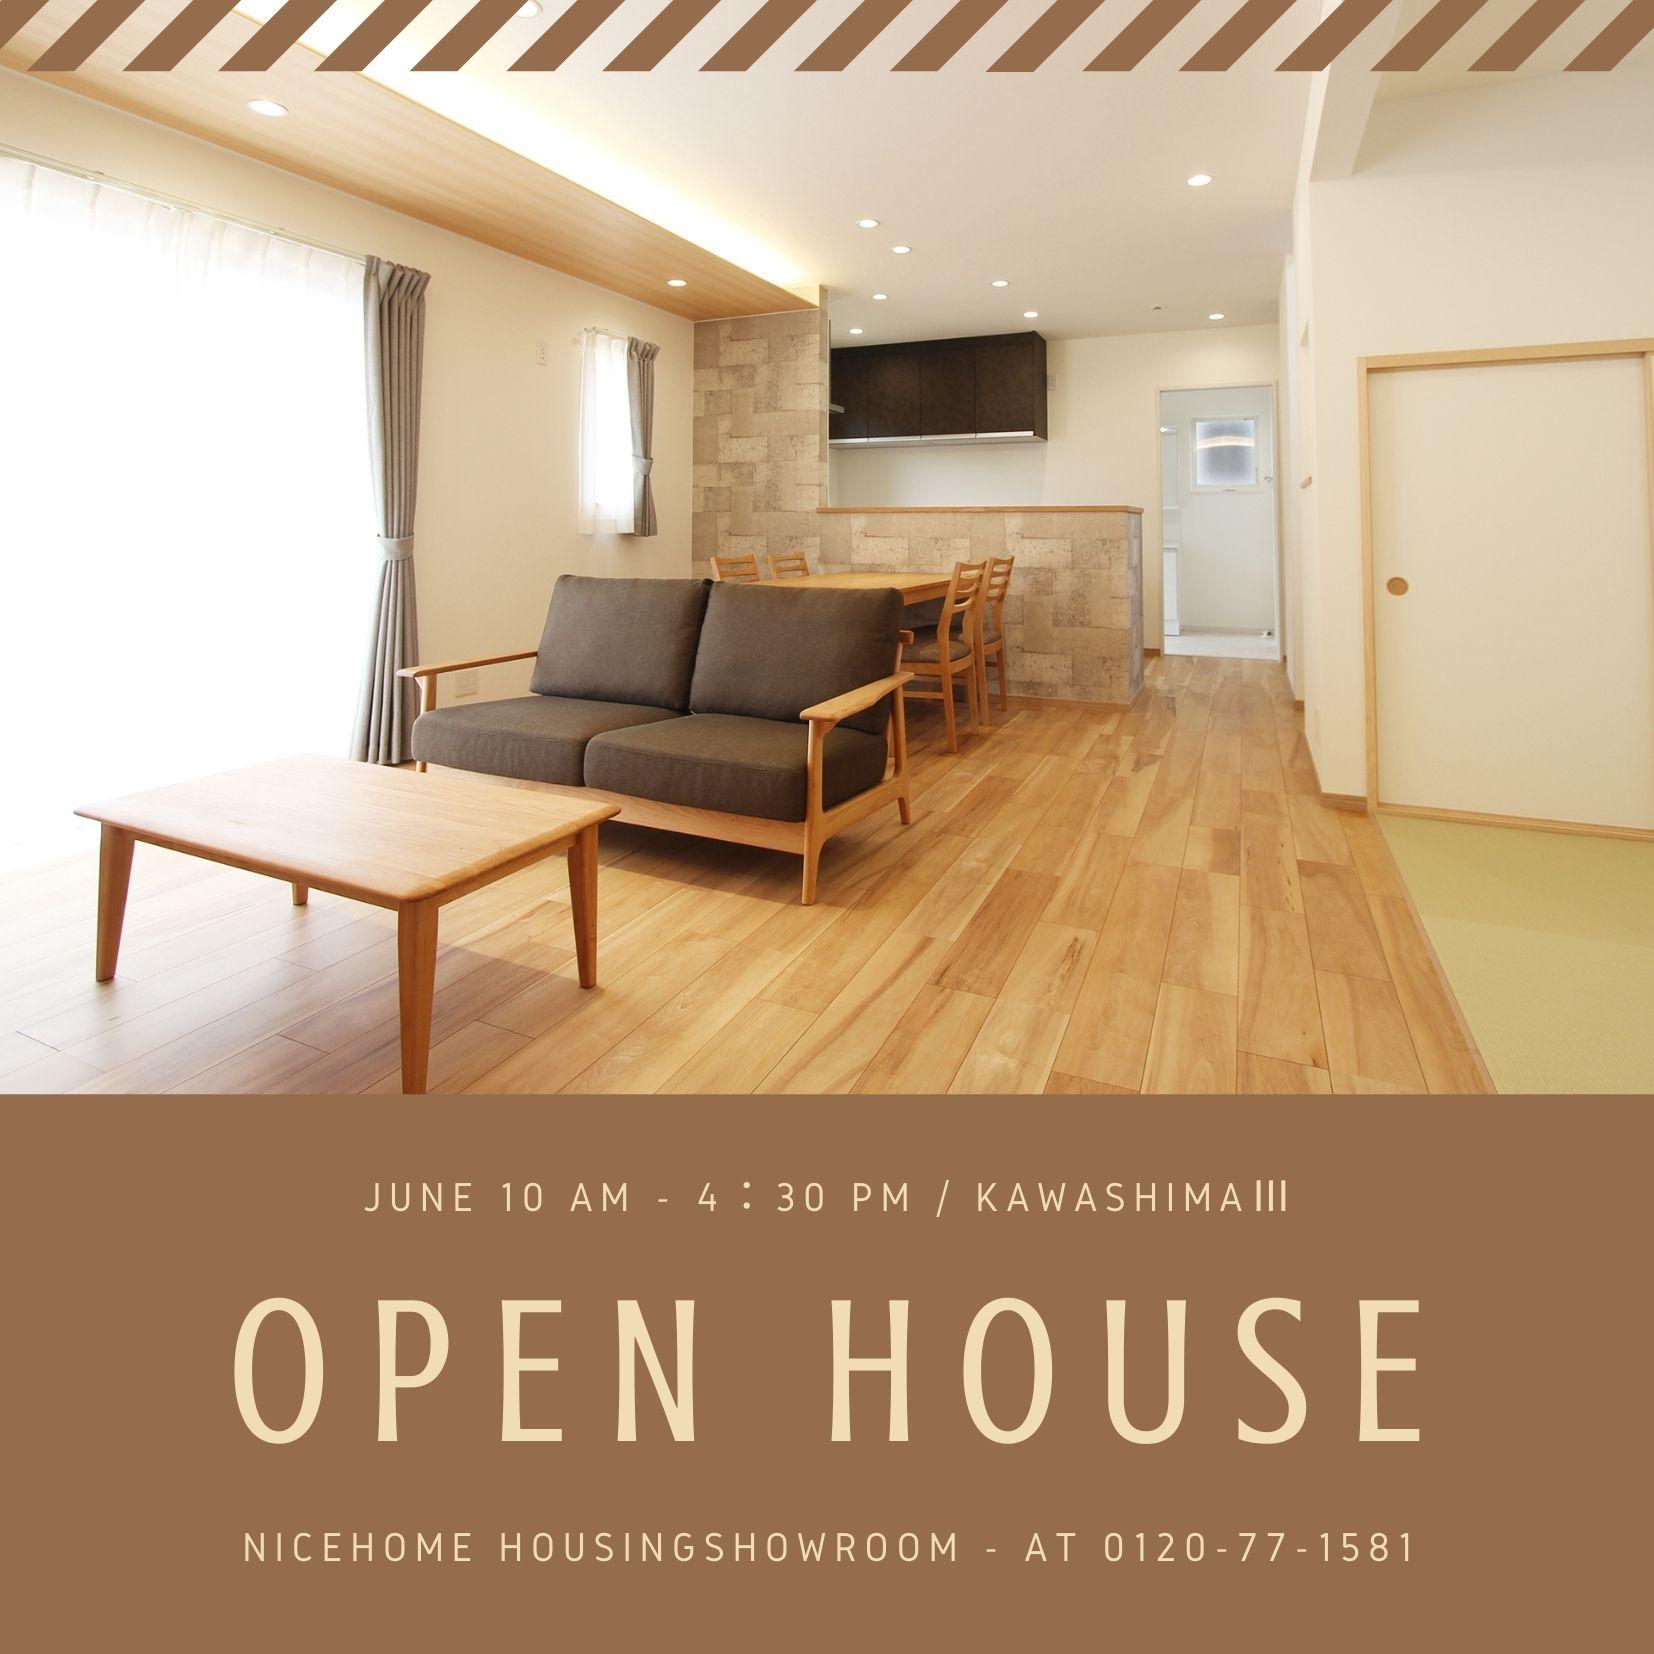 【安城市】木の質感を楽しむ間接照明のある家【オープンハウス】